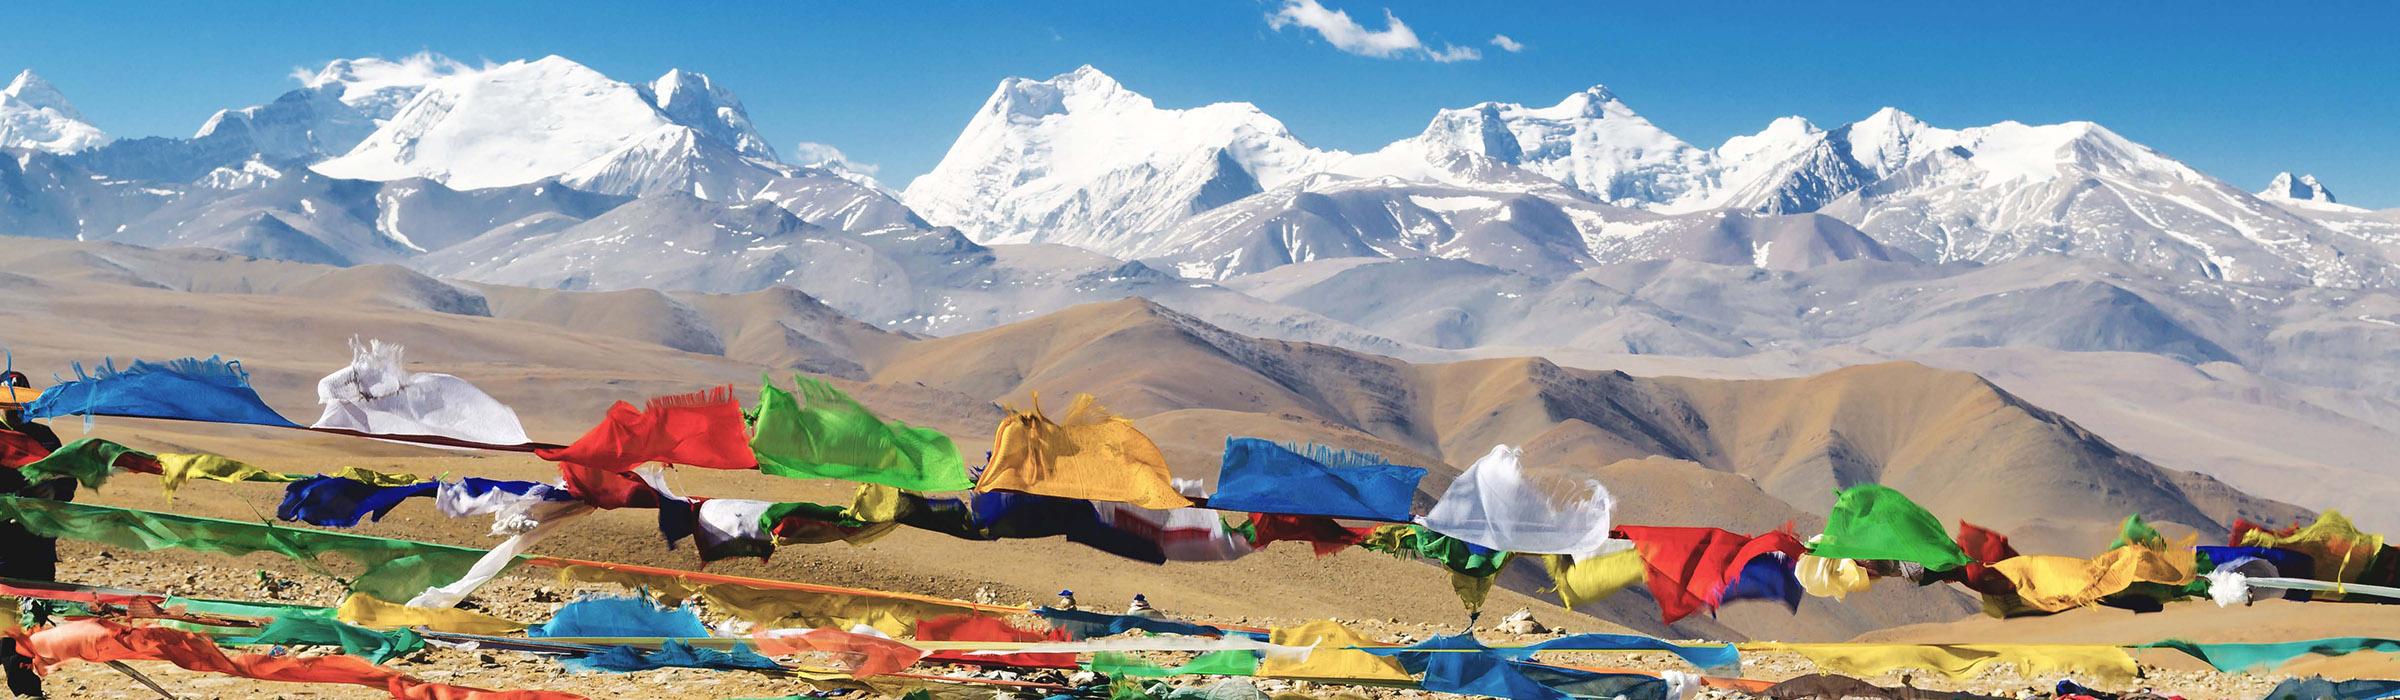 Sacred Pilgrimage toMt. Kailash -